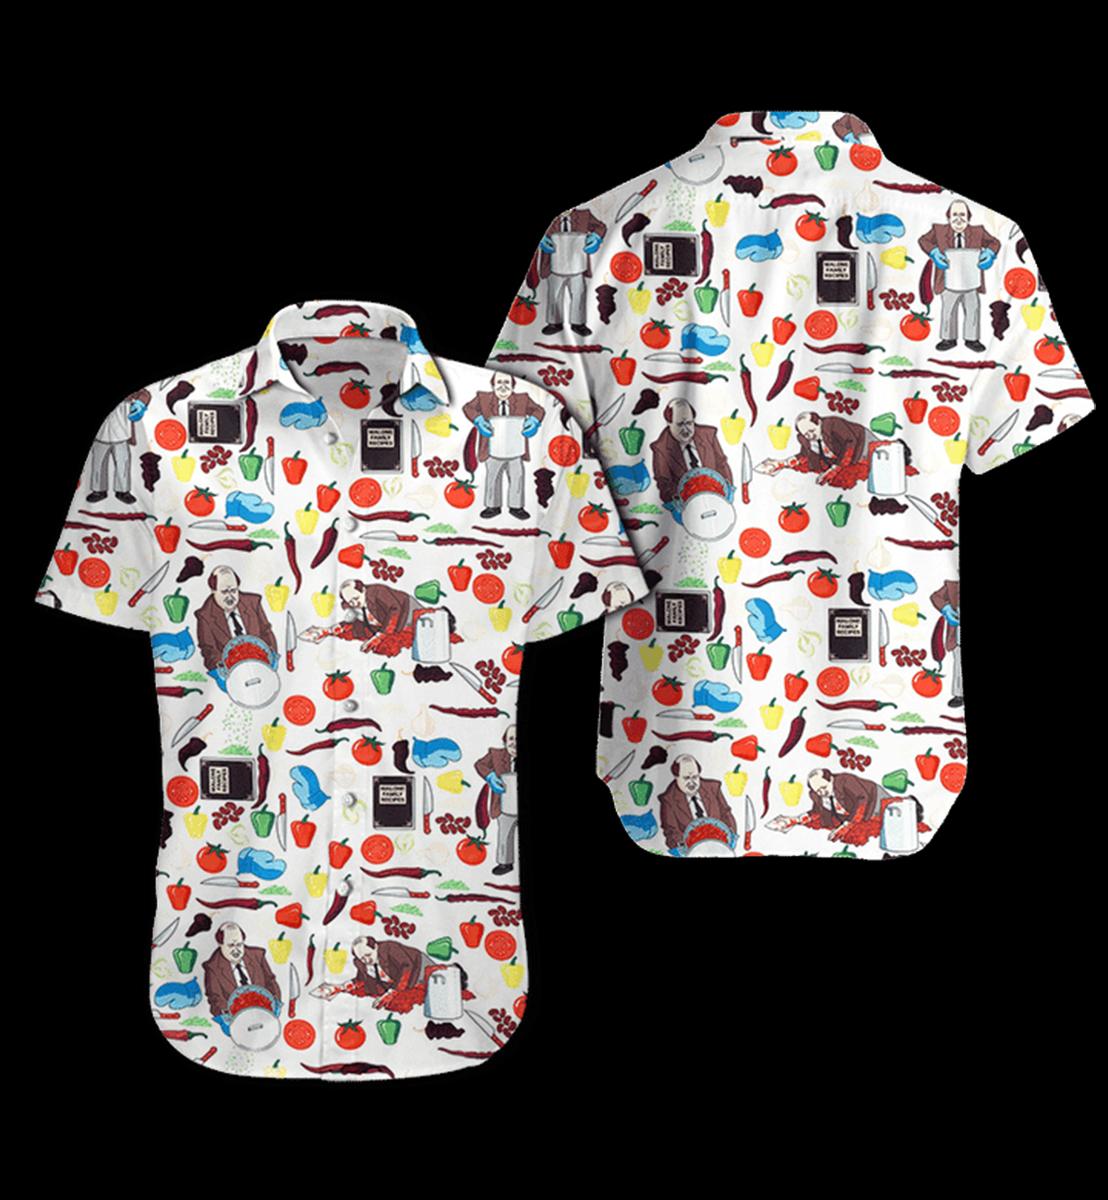 5 Kevins Famous Chili Hawaiian Shirt and Short 1 1